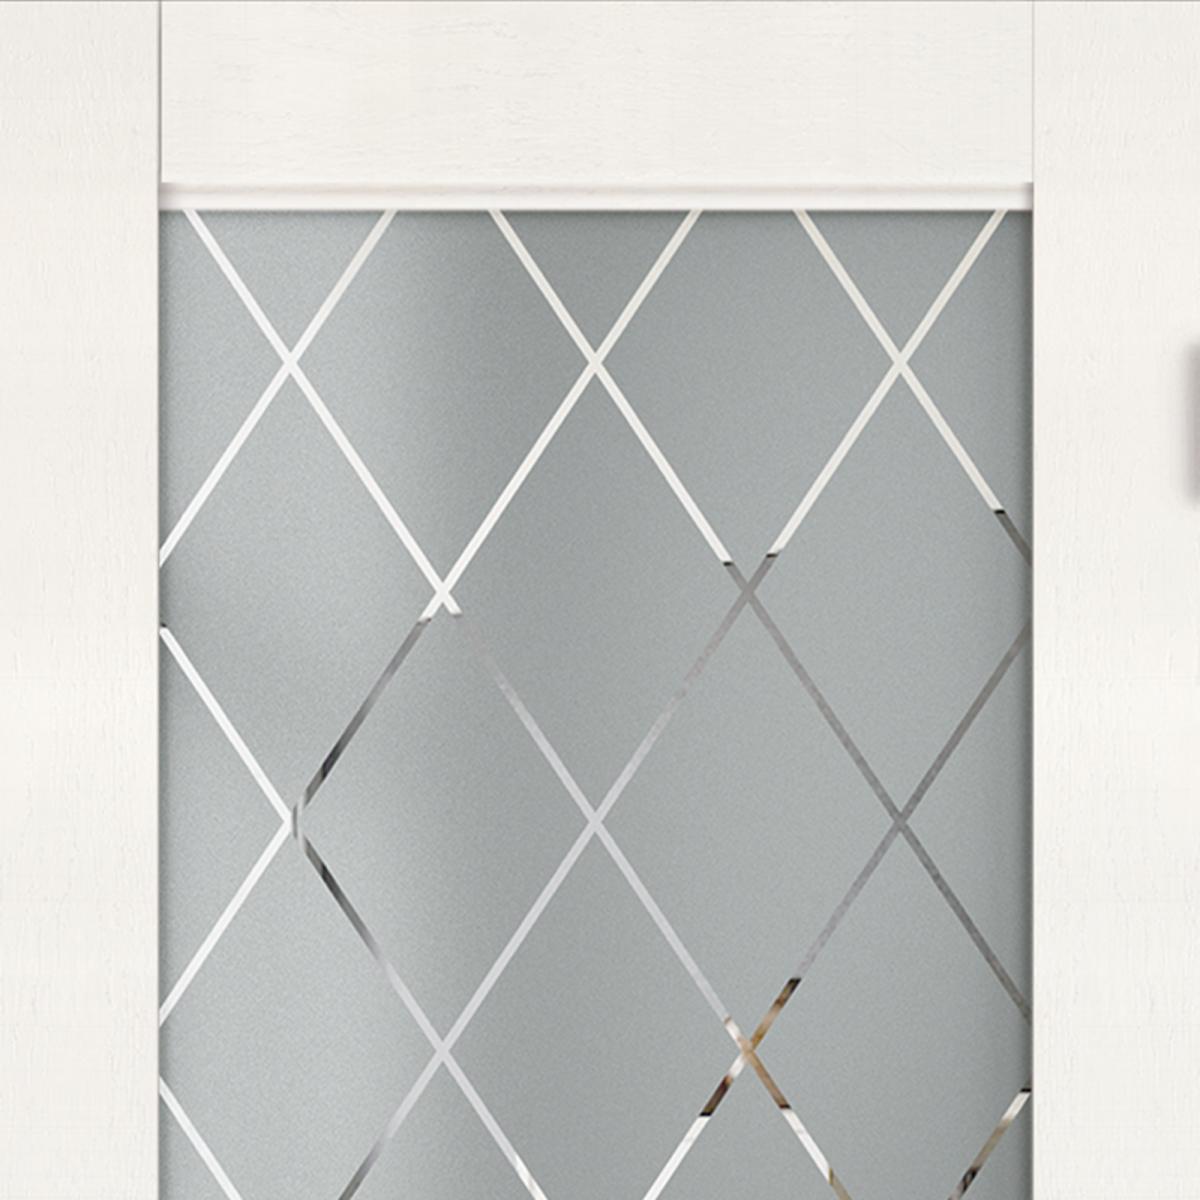 Дверь Межкомнатная Остеклённая «Летиция» 90x200 Пвх Цвет Лофт Светлый С Фурнитурой